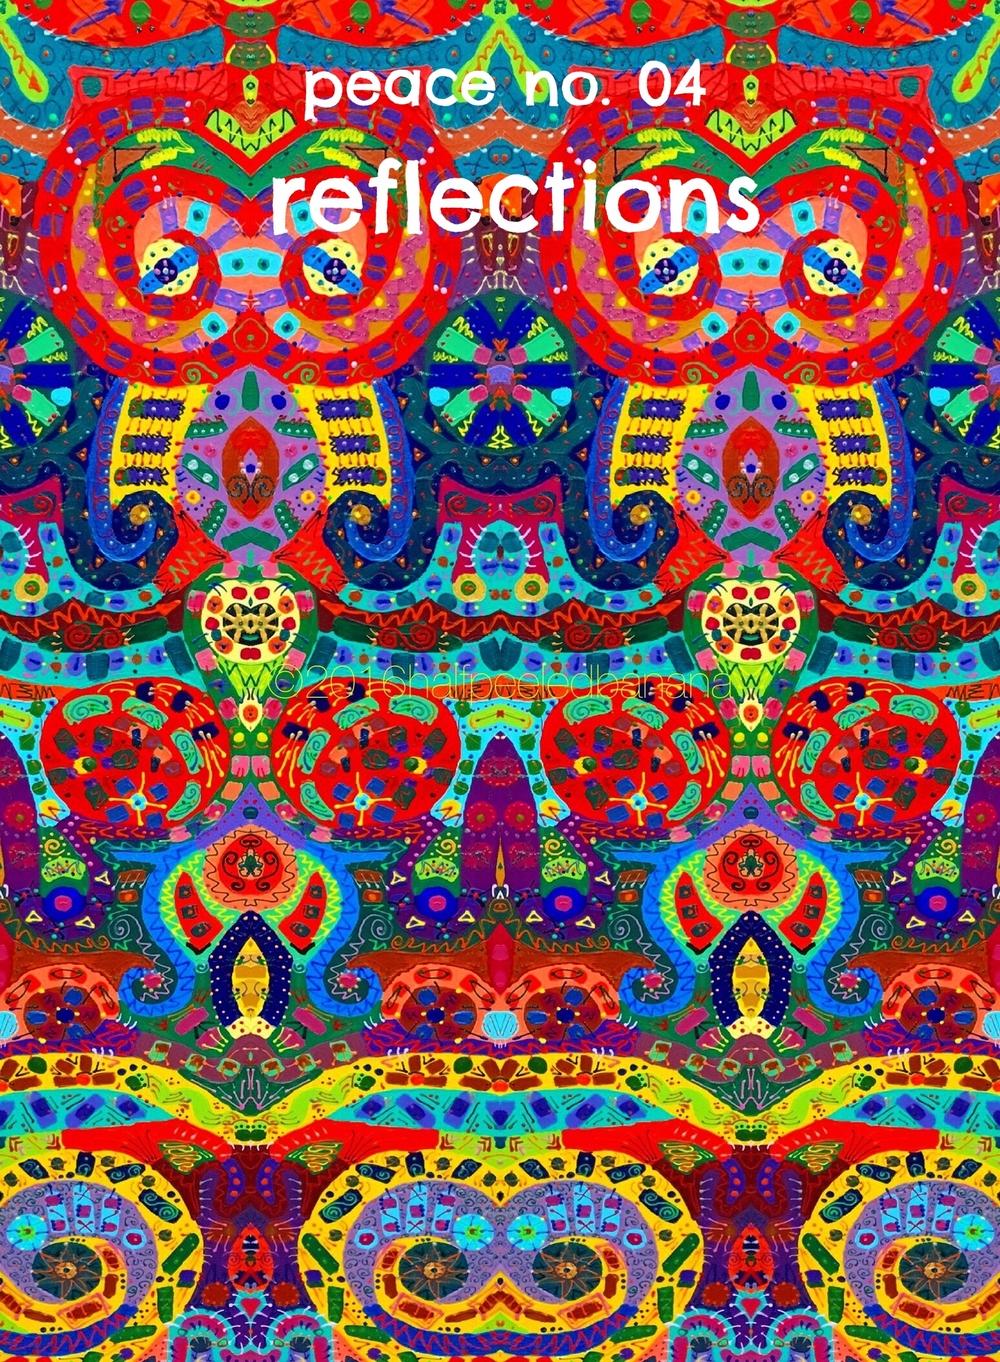 reflections -  peace print no. 04